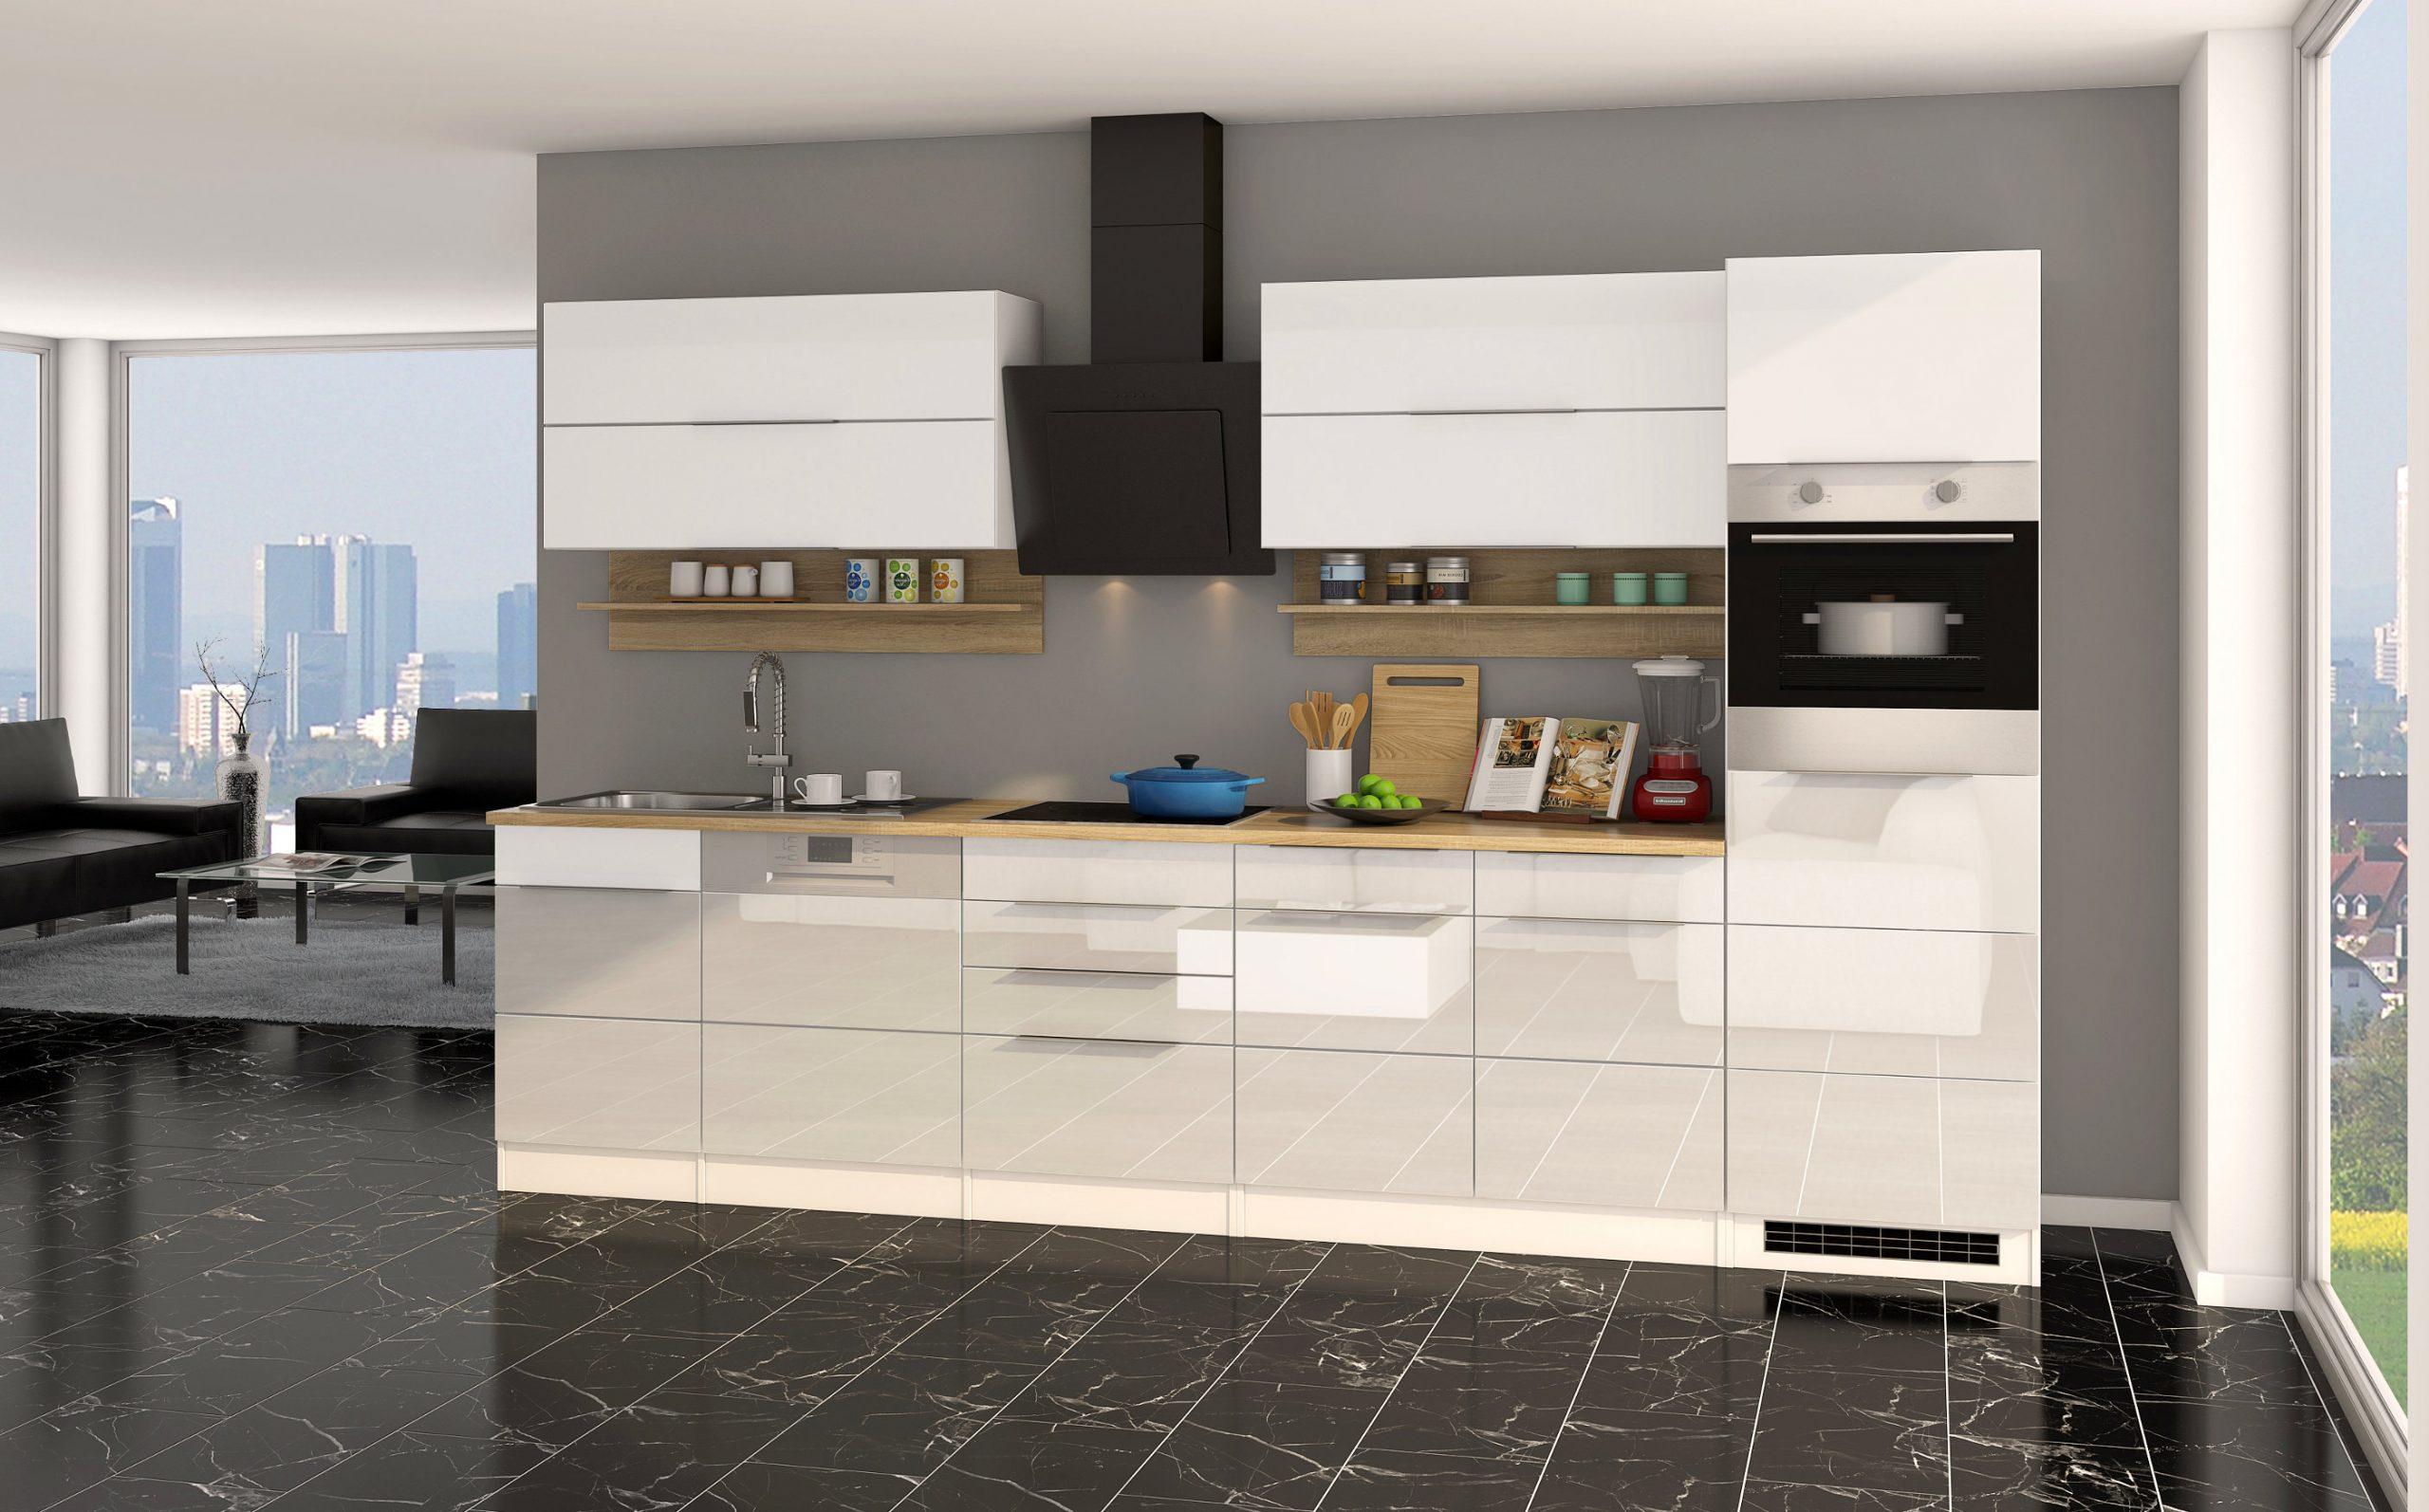 Full Size of Komplettküche Mit Geräten Roller Komplettküche Günstige Komplettküche Willhaben Komplettküche Küche Einbauküche Ohne Kühlschrank